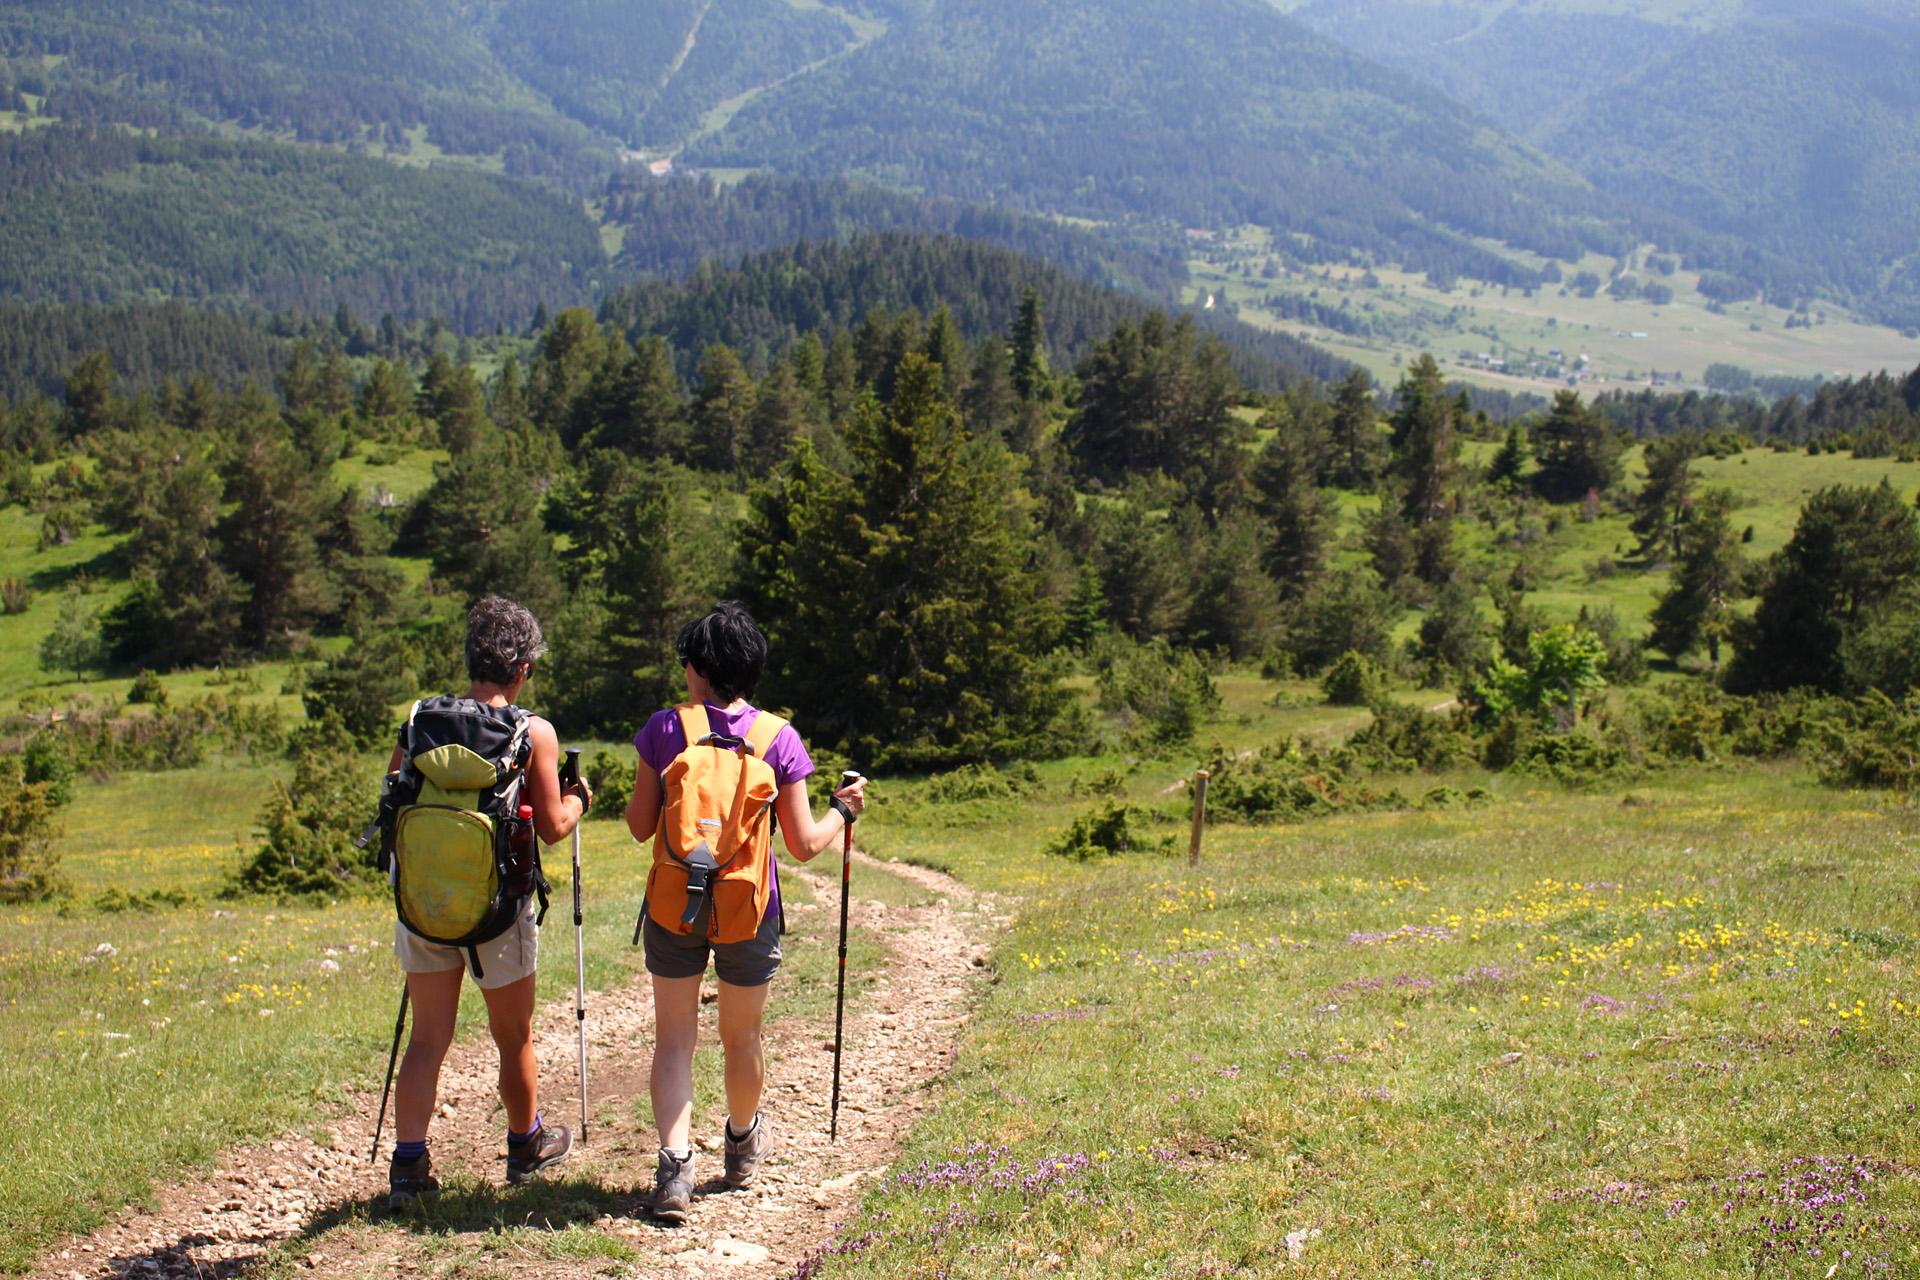 promos vallée ubaye alpes